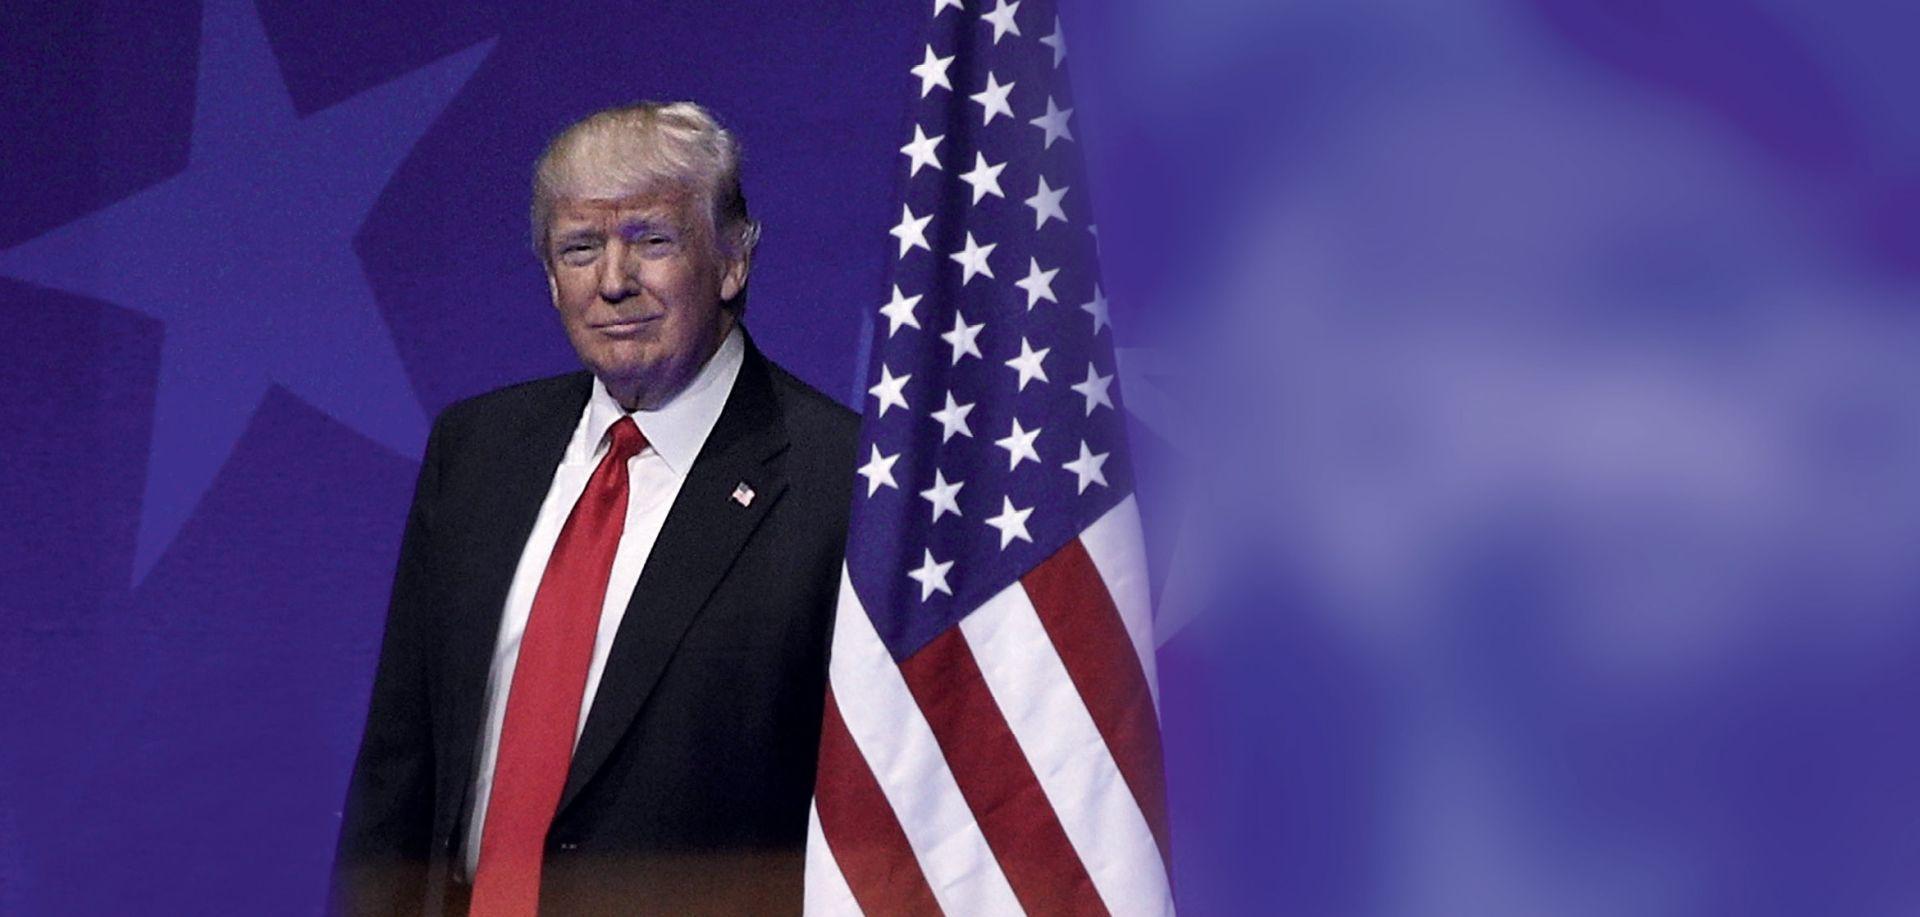 TRUMP 'IZDAO' SRBIJU: 'Nedovoljno informirani predsjednik SAD-a slikao se s brutalnim ratnim zločincem'